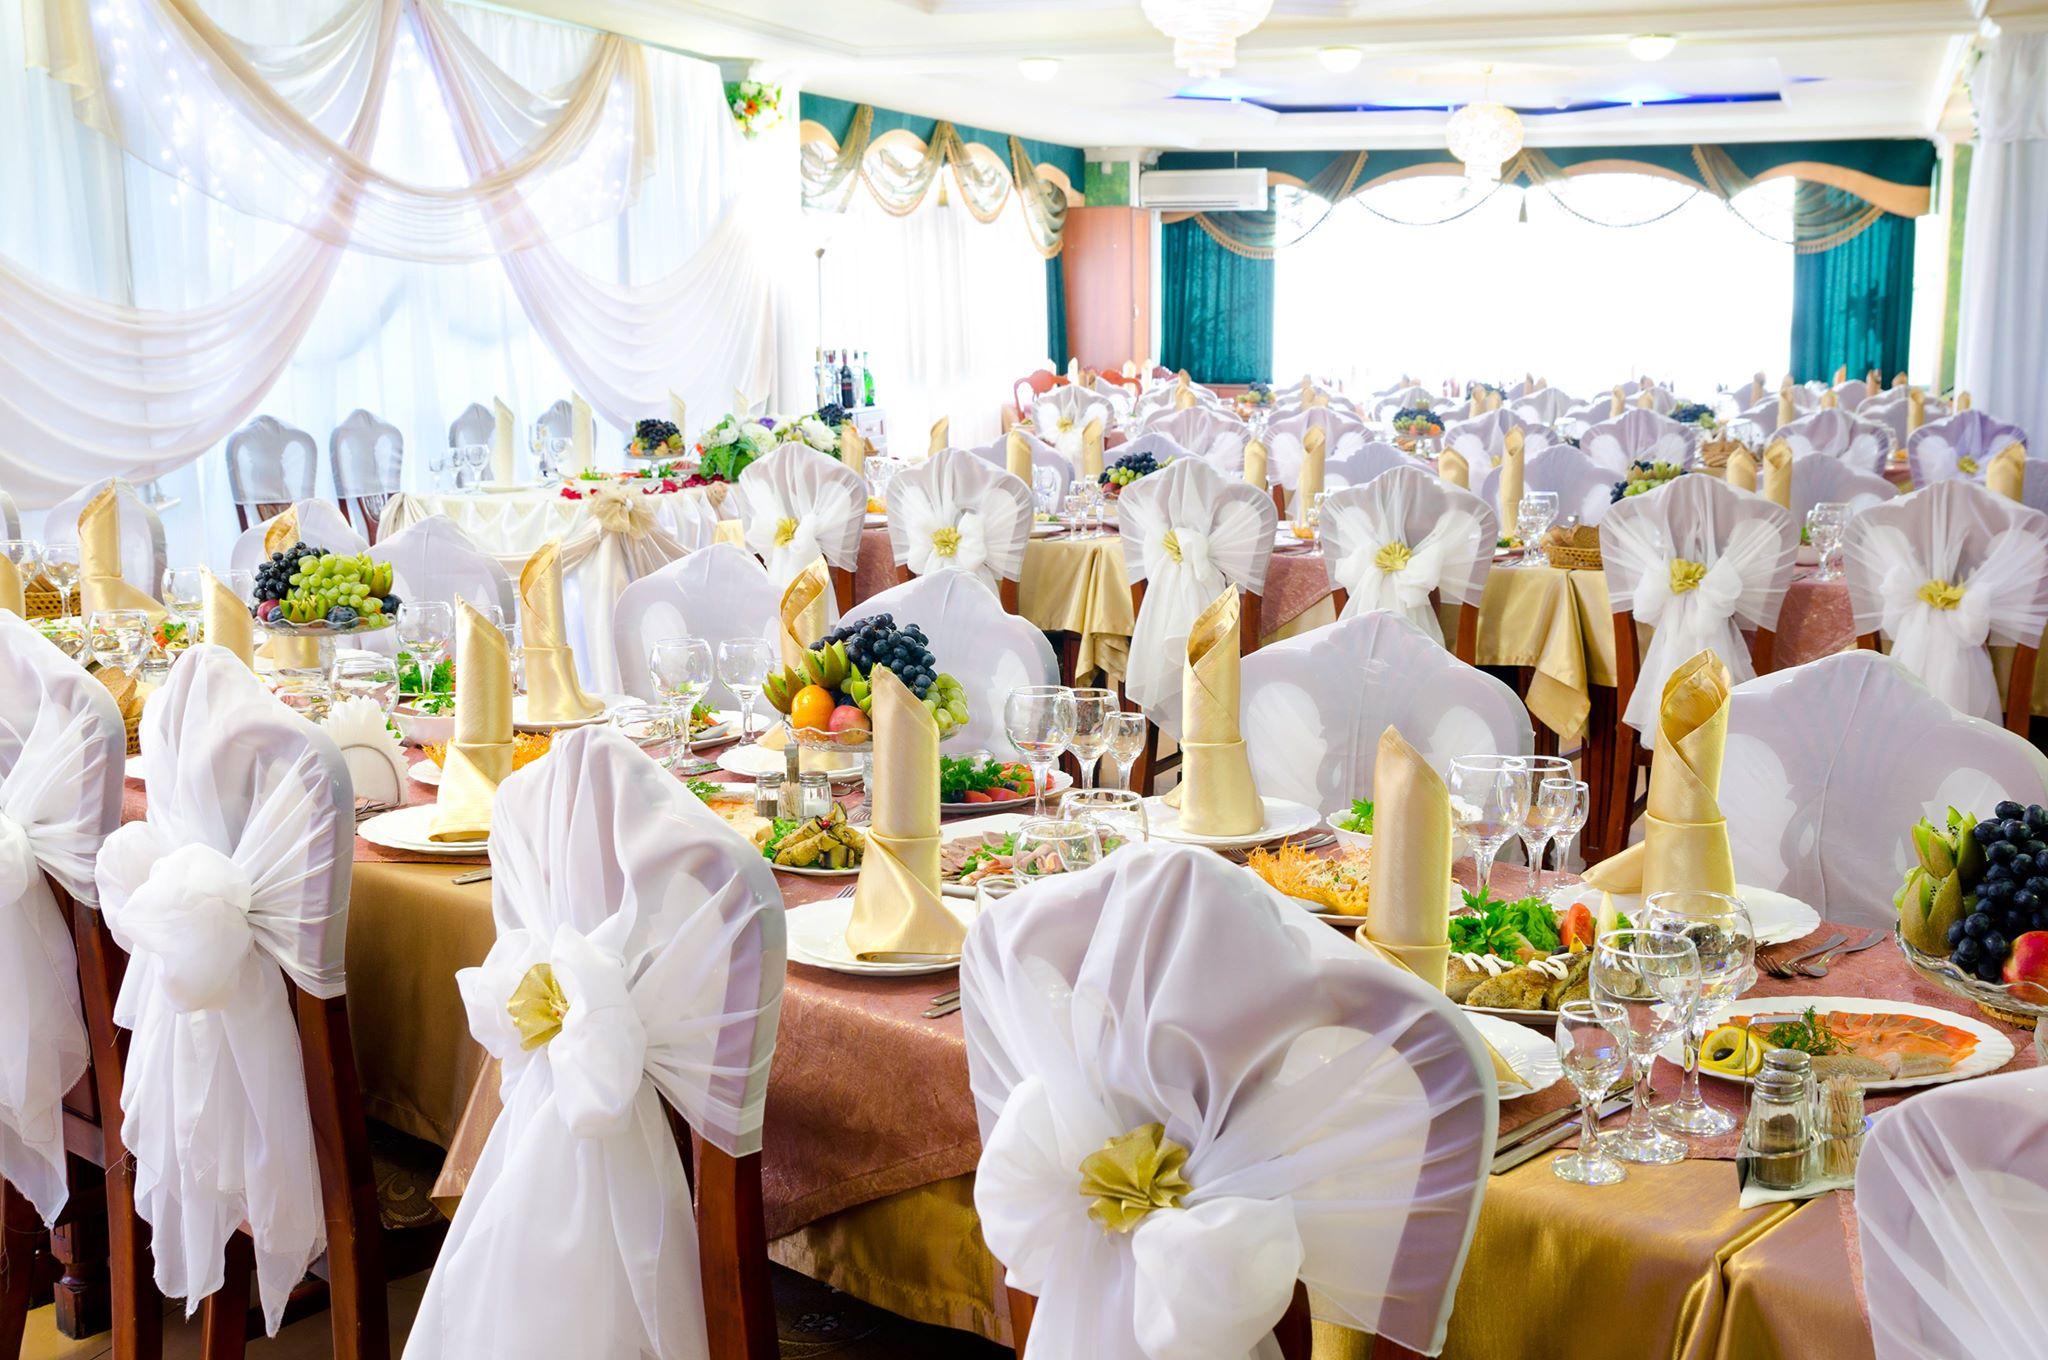 Les repas de mariages, ce qu'il faut faire et les erreurs à ne pas commettre